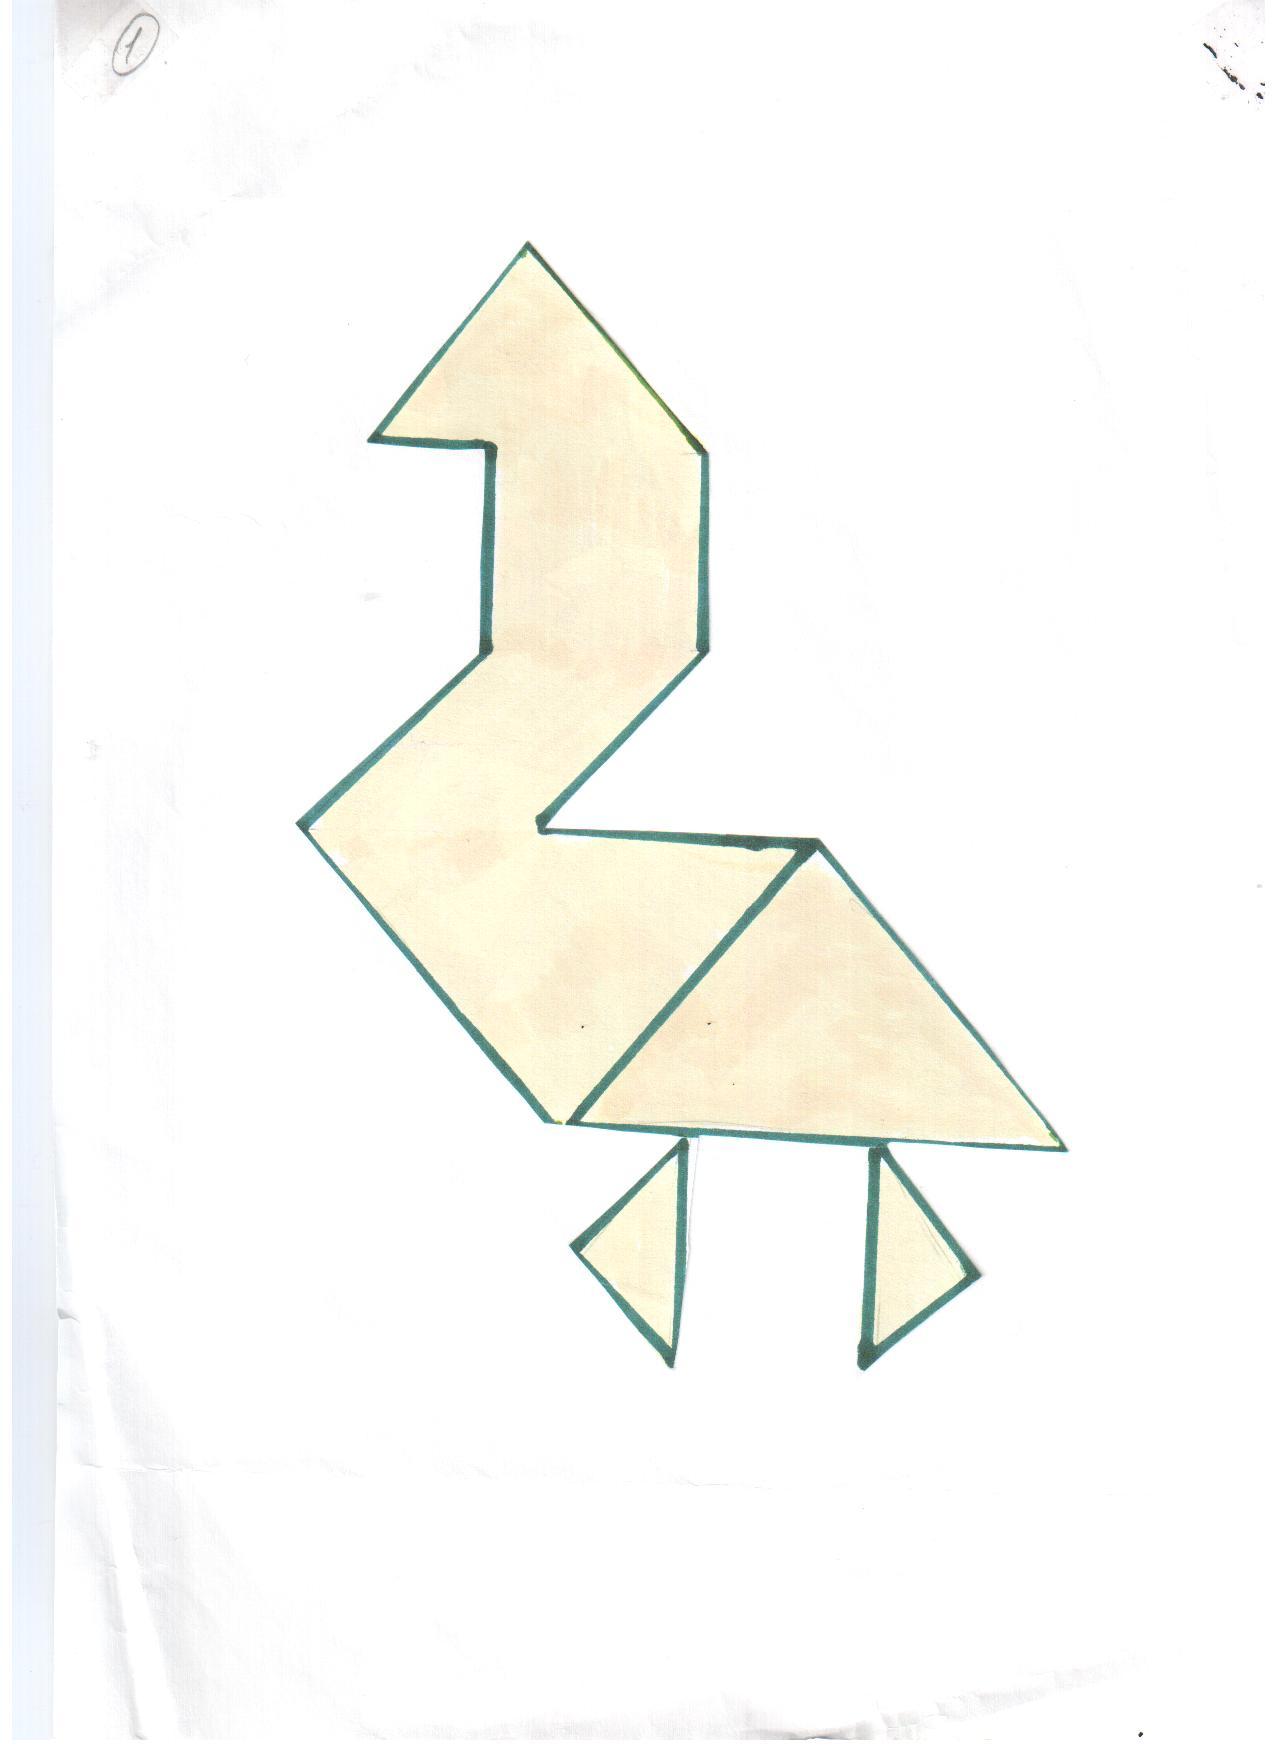 C:\Documents and Settings\Admin\Мои документы\Мои рисунки\Изображение\Изображение 068.jpg